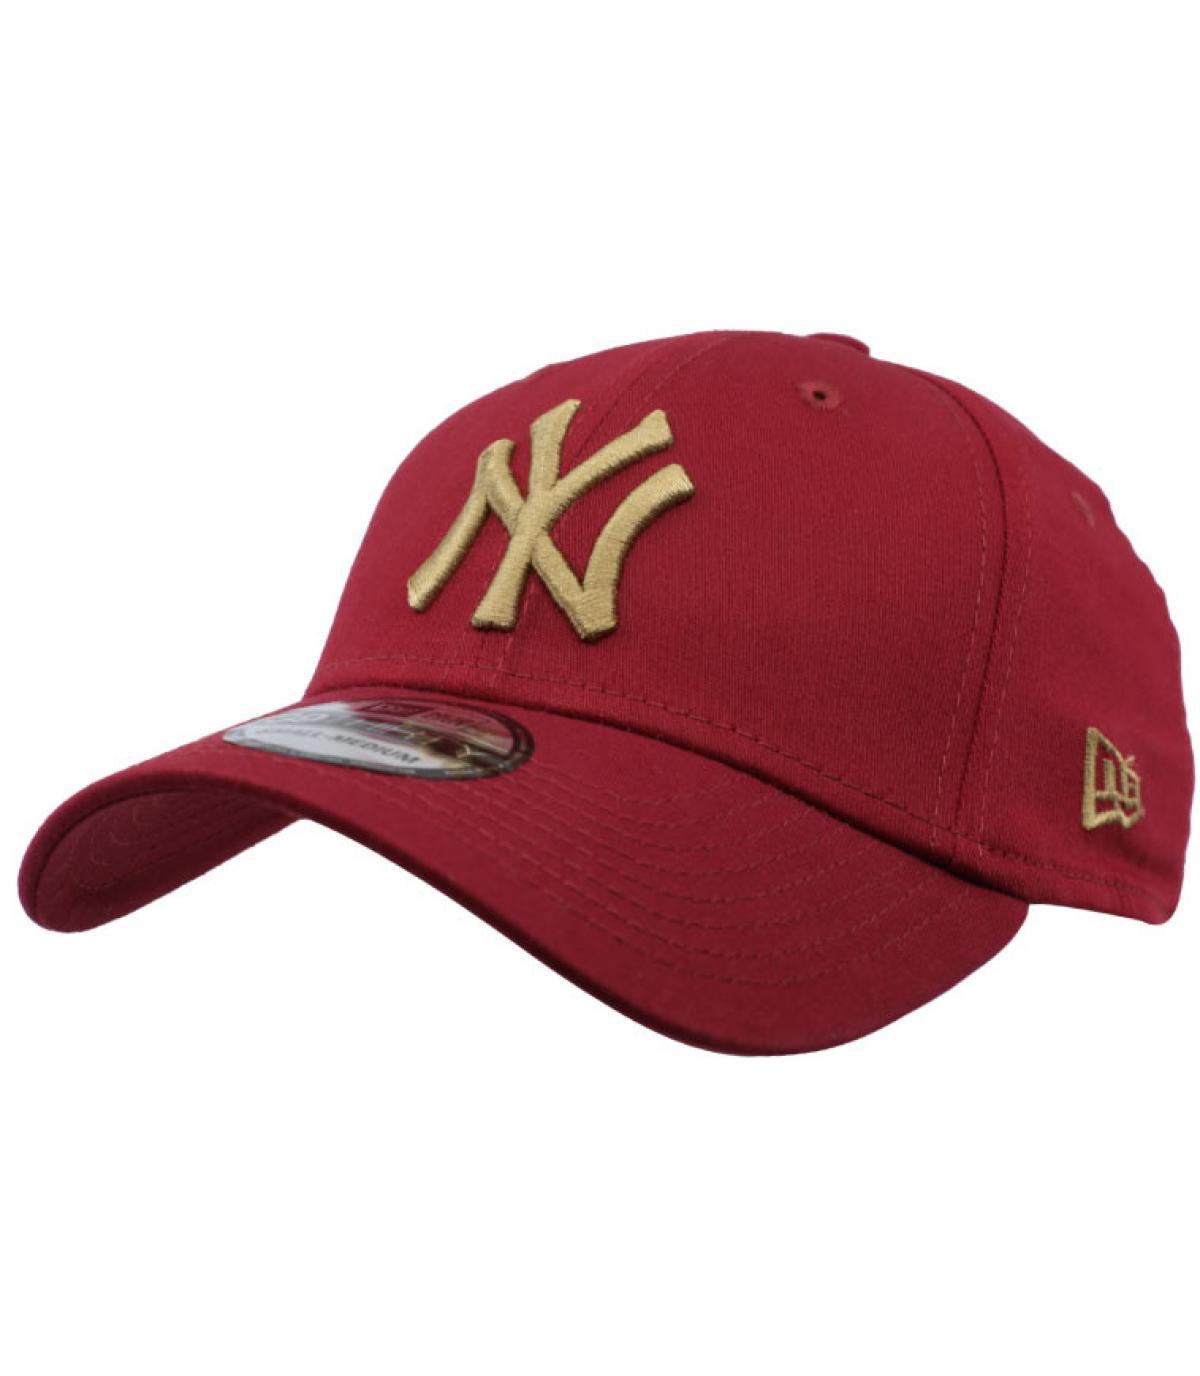 bordeaux NY cap